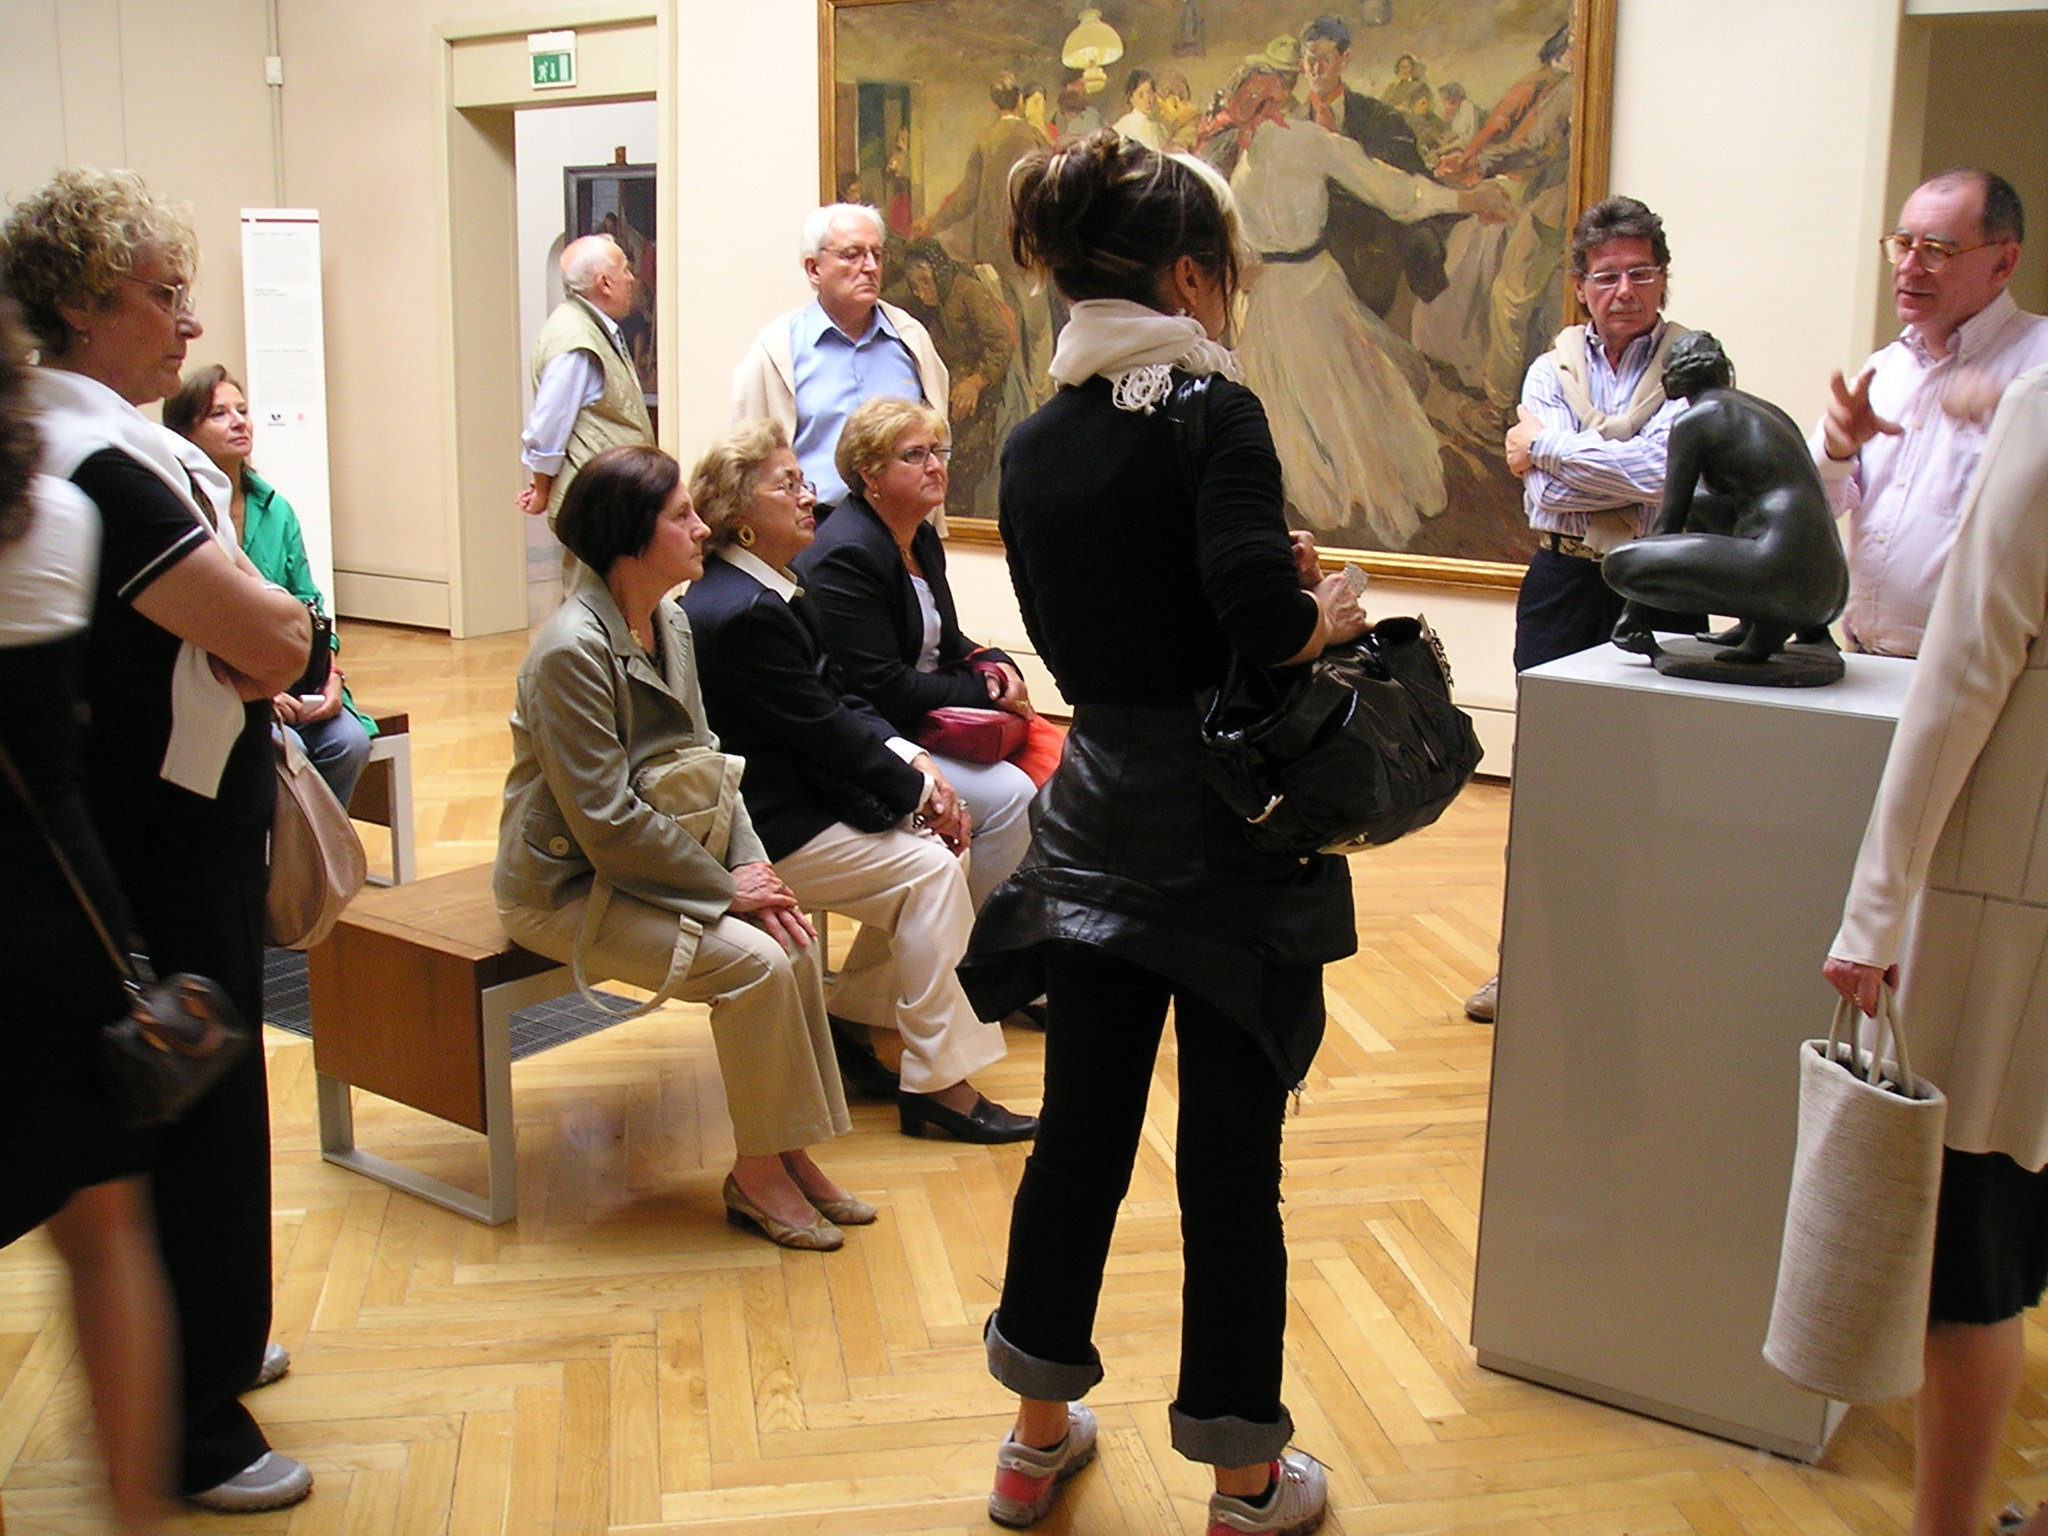 Visita guidata alla sezione delle Sculture della Galleria Ricci Oddi di Piacenza